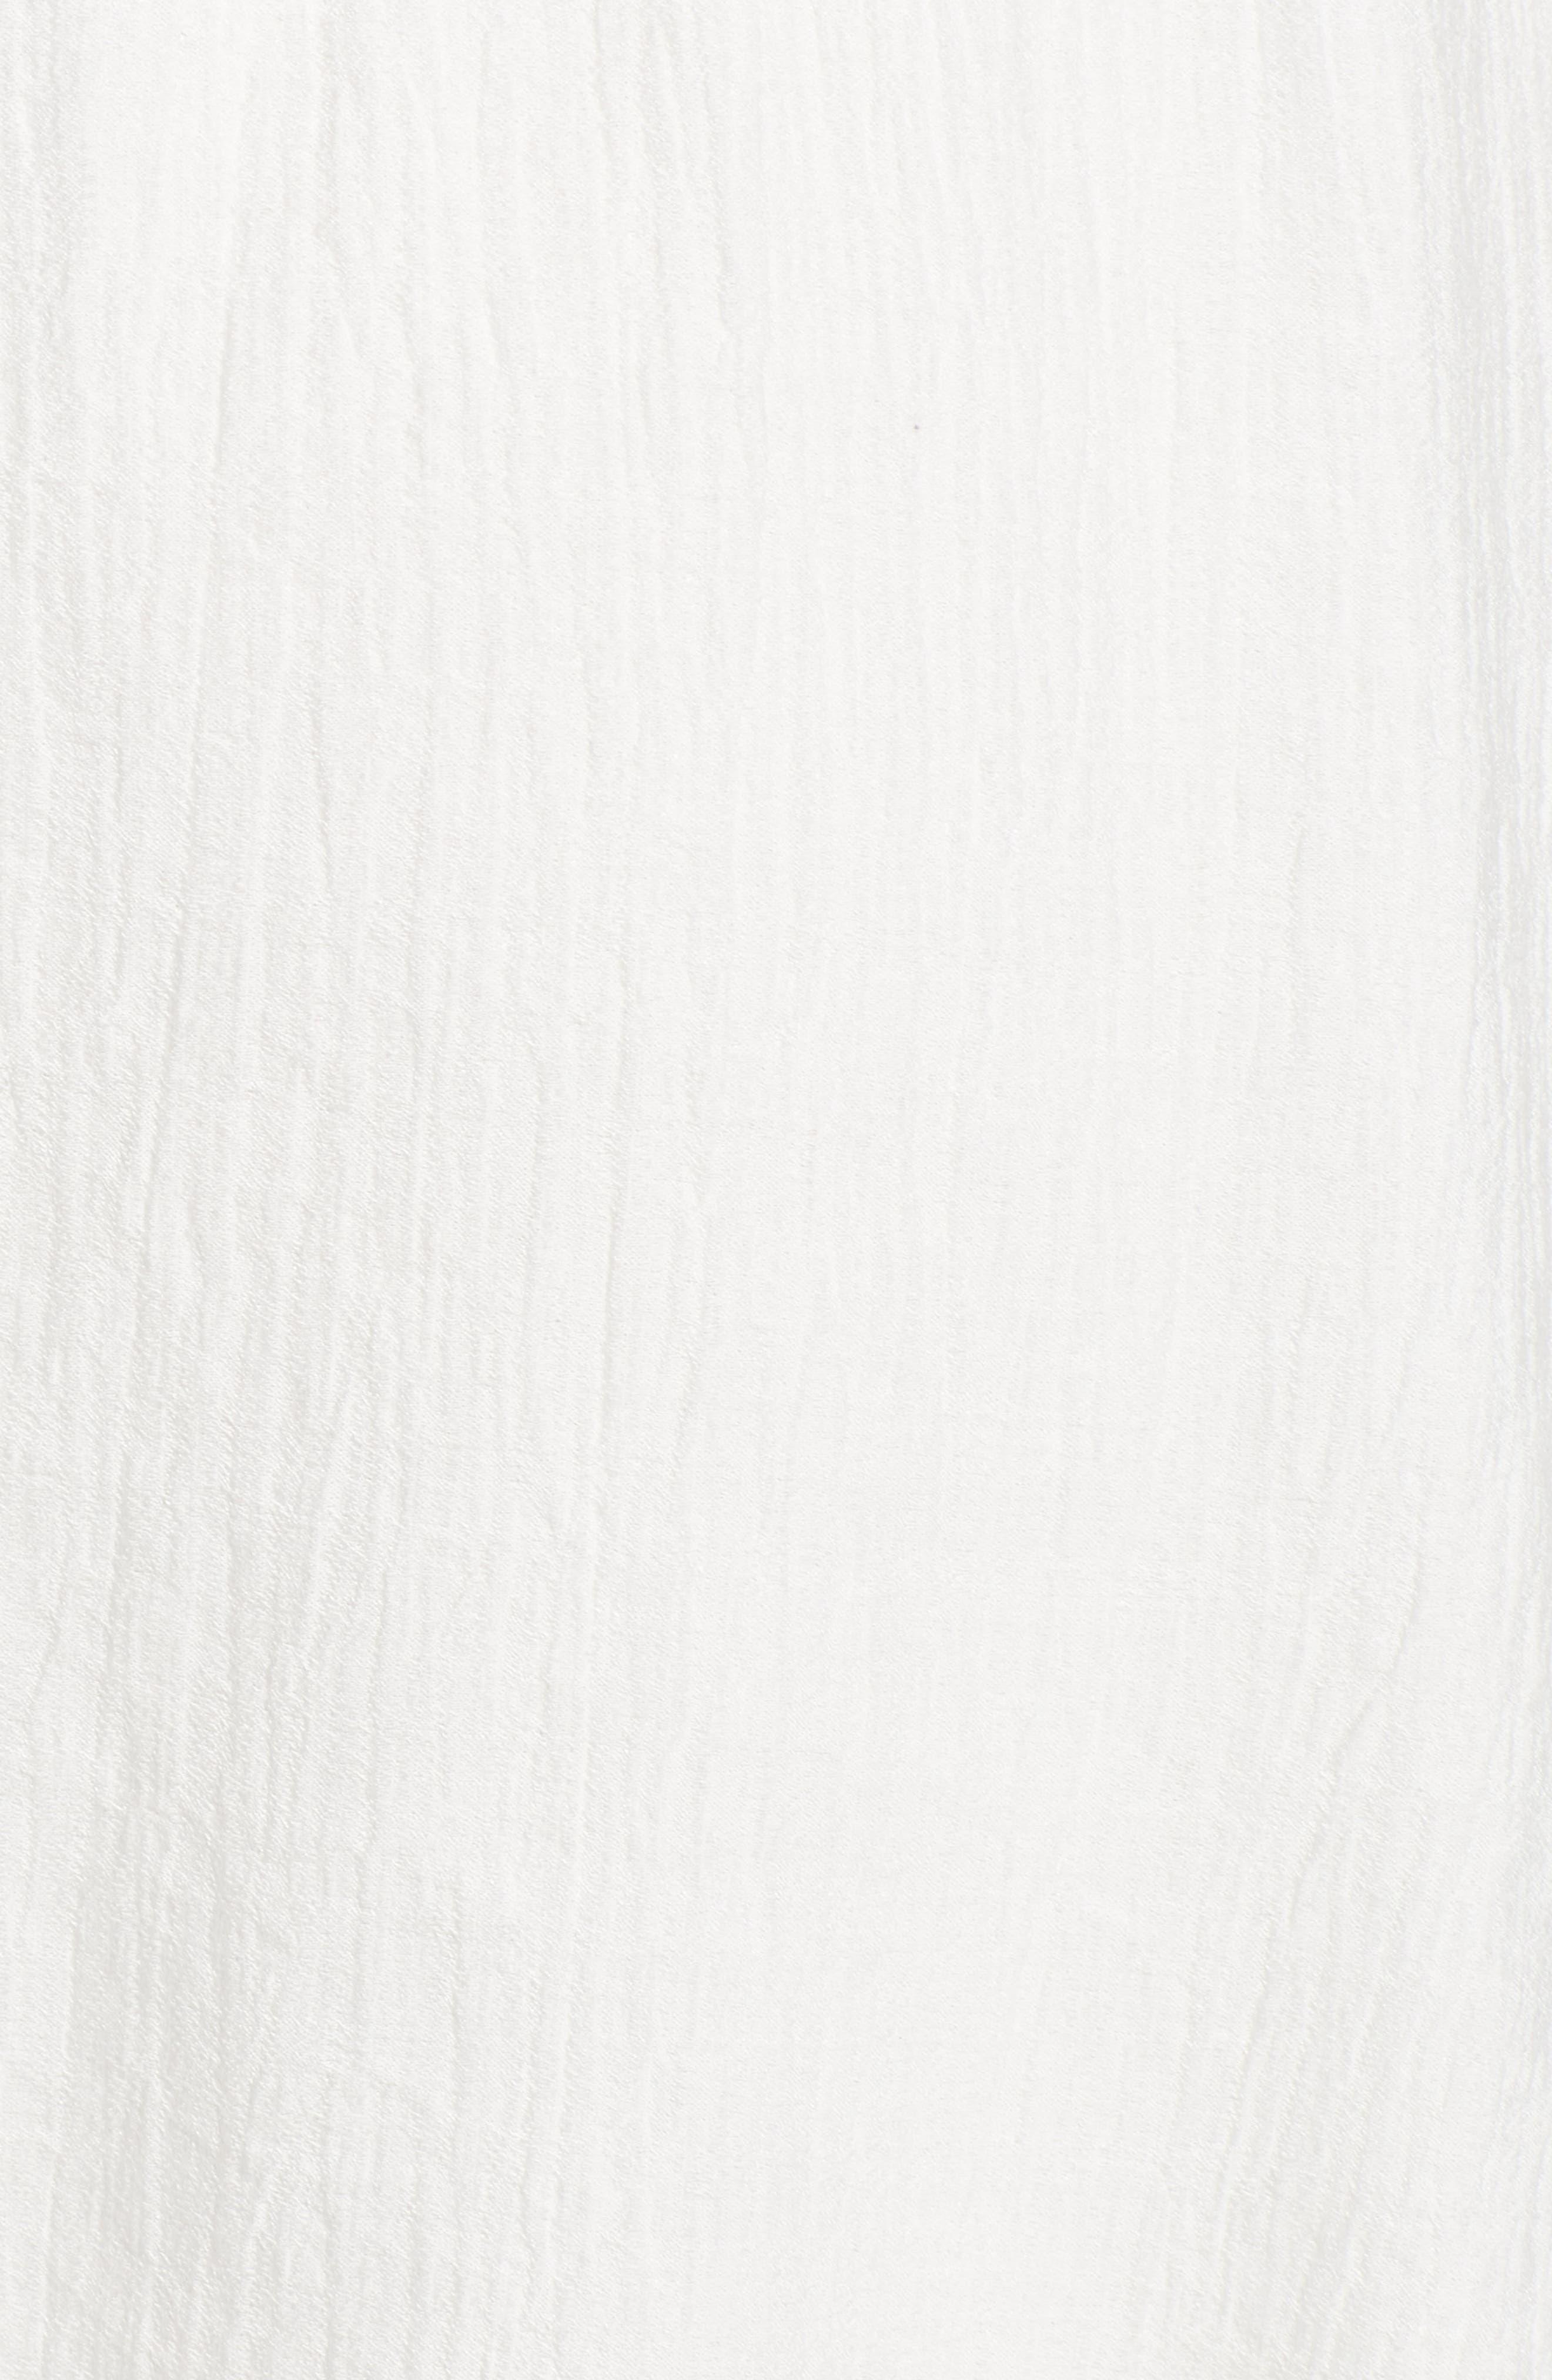 Magnolia Flutter Sleeve Dress,                             Alternate thumbnail 6, color,                             White